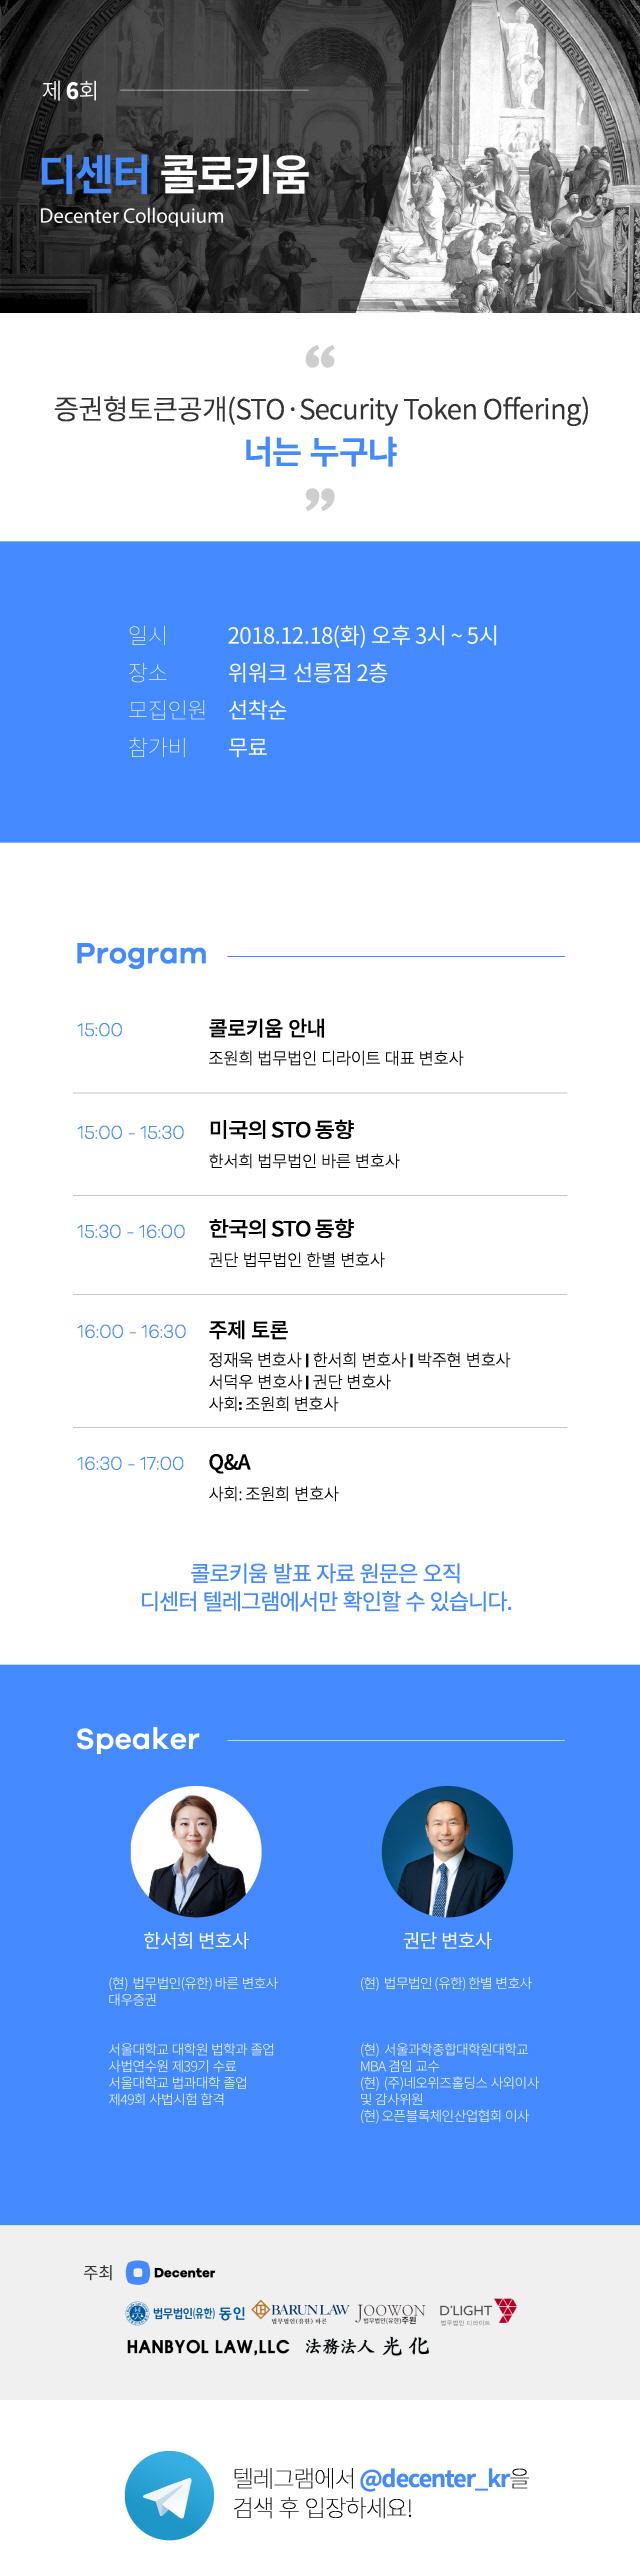 블록체인 산업 새 트렌드 짚는다…'증권형토큰공개(STO)' 세미나 내달 18일 개최